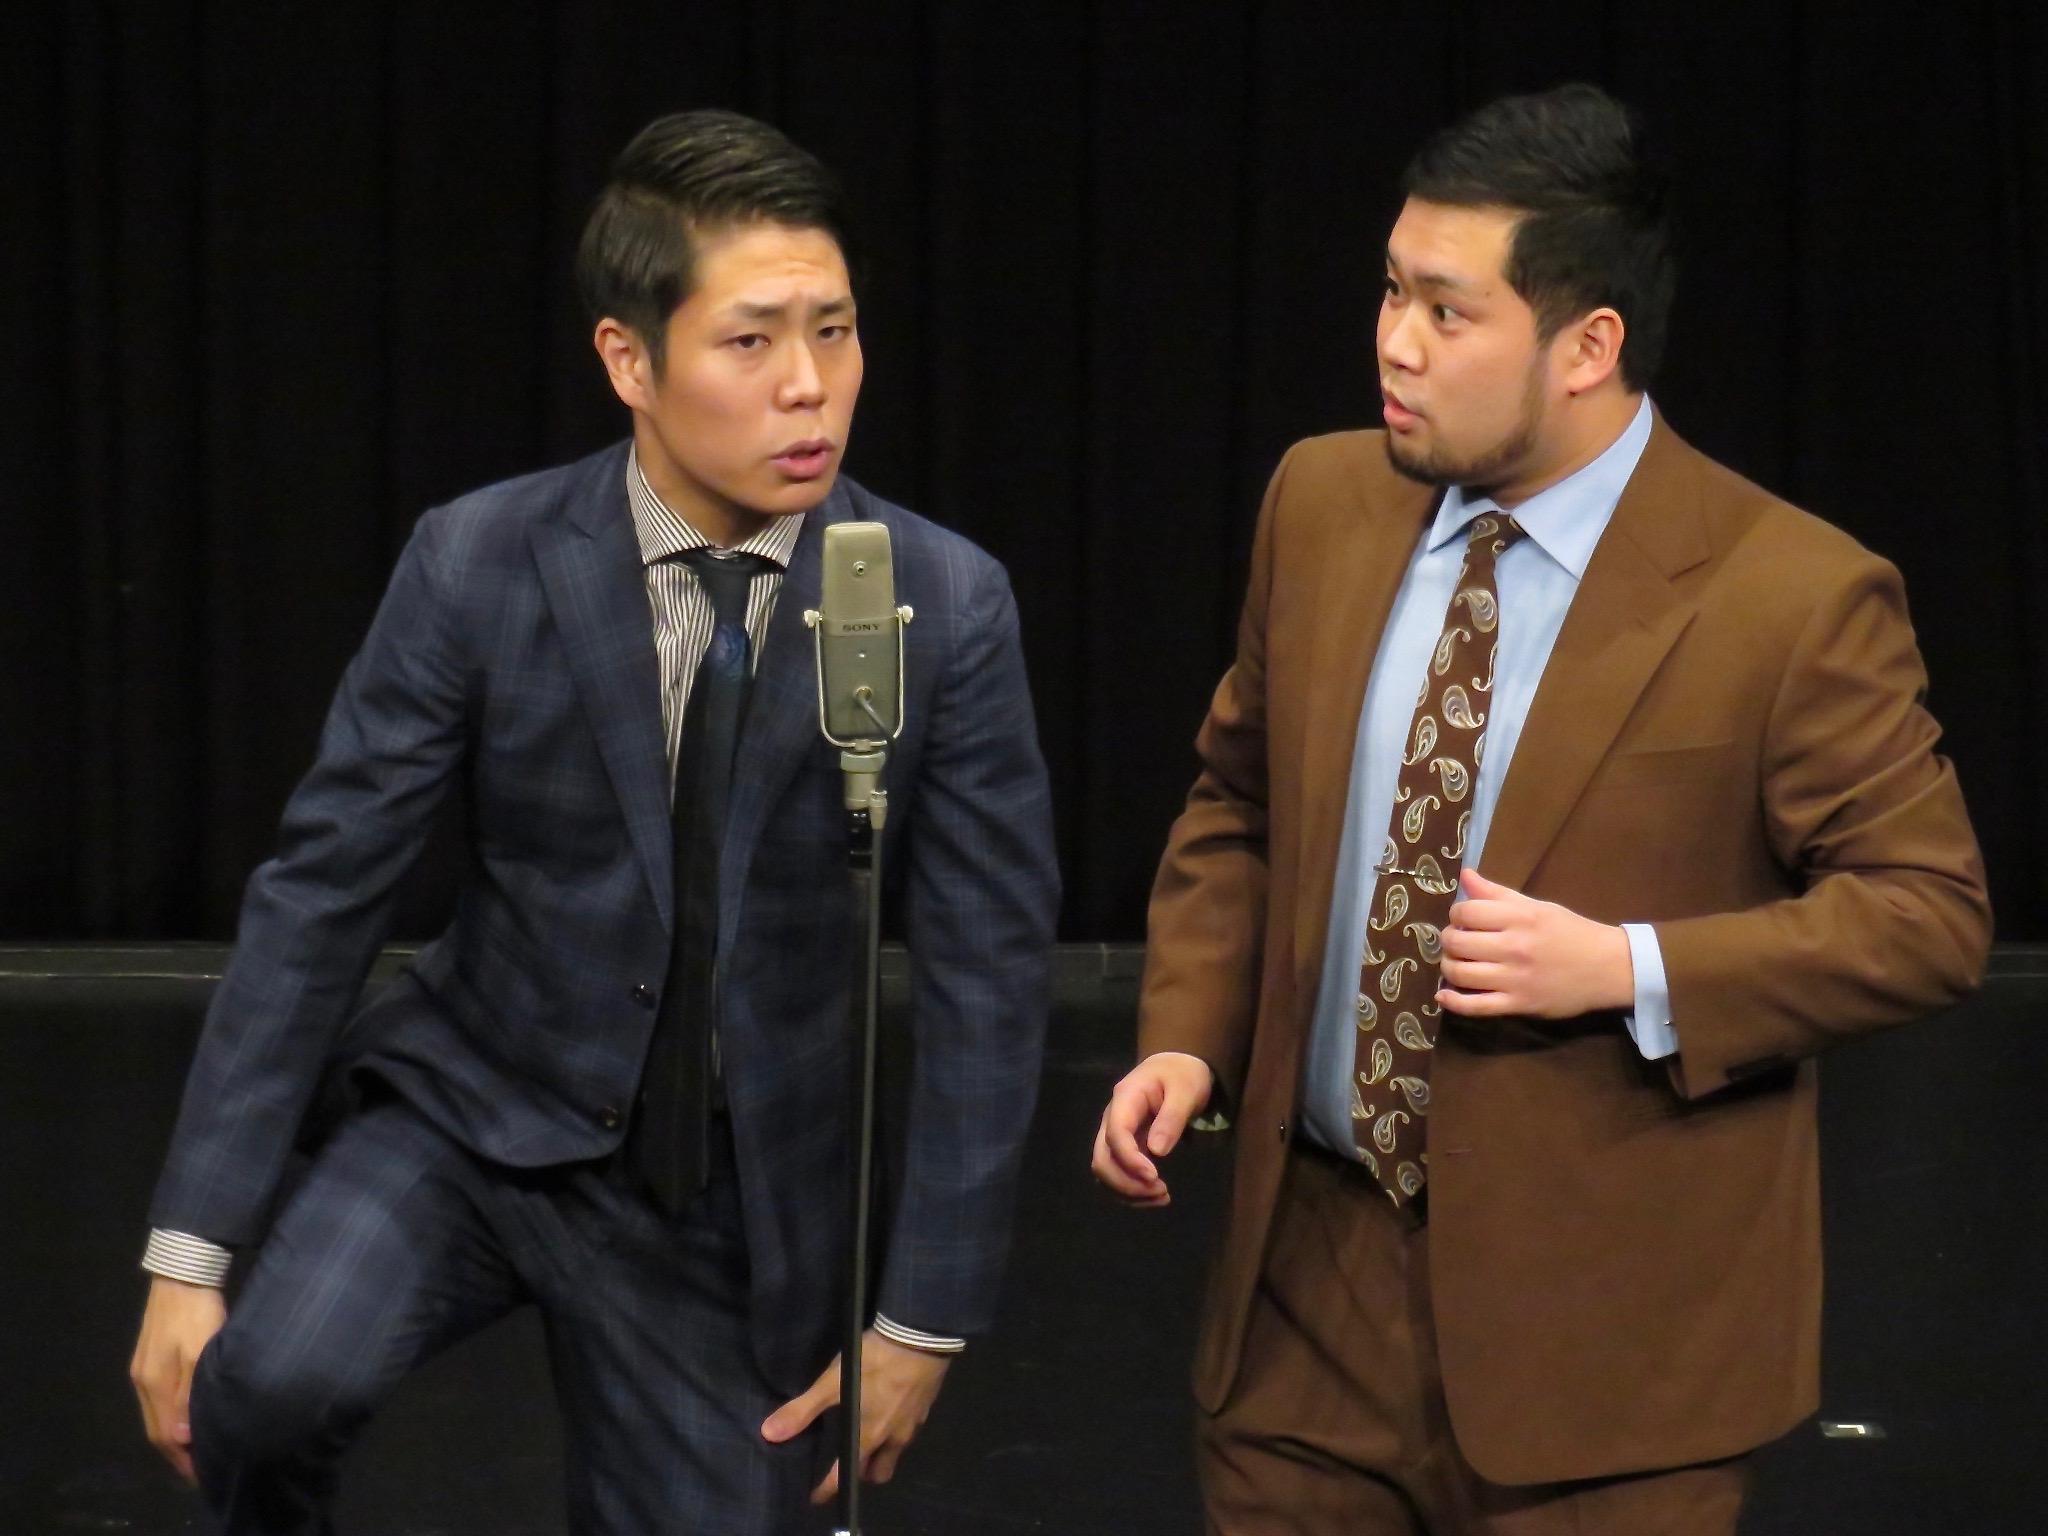 http://news.yoshimoto.co.jp/20181227123430-fc9f53435b07ca839f23ec40bff963798fb3db18.jpeg